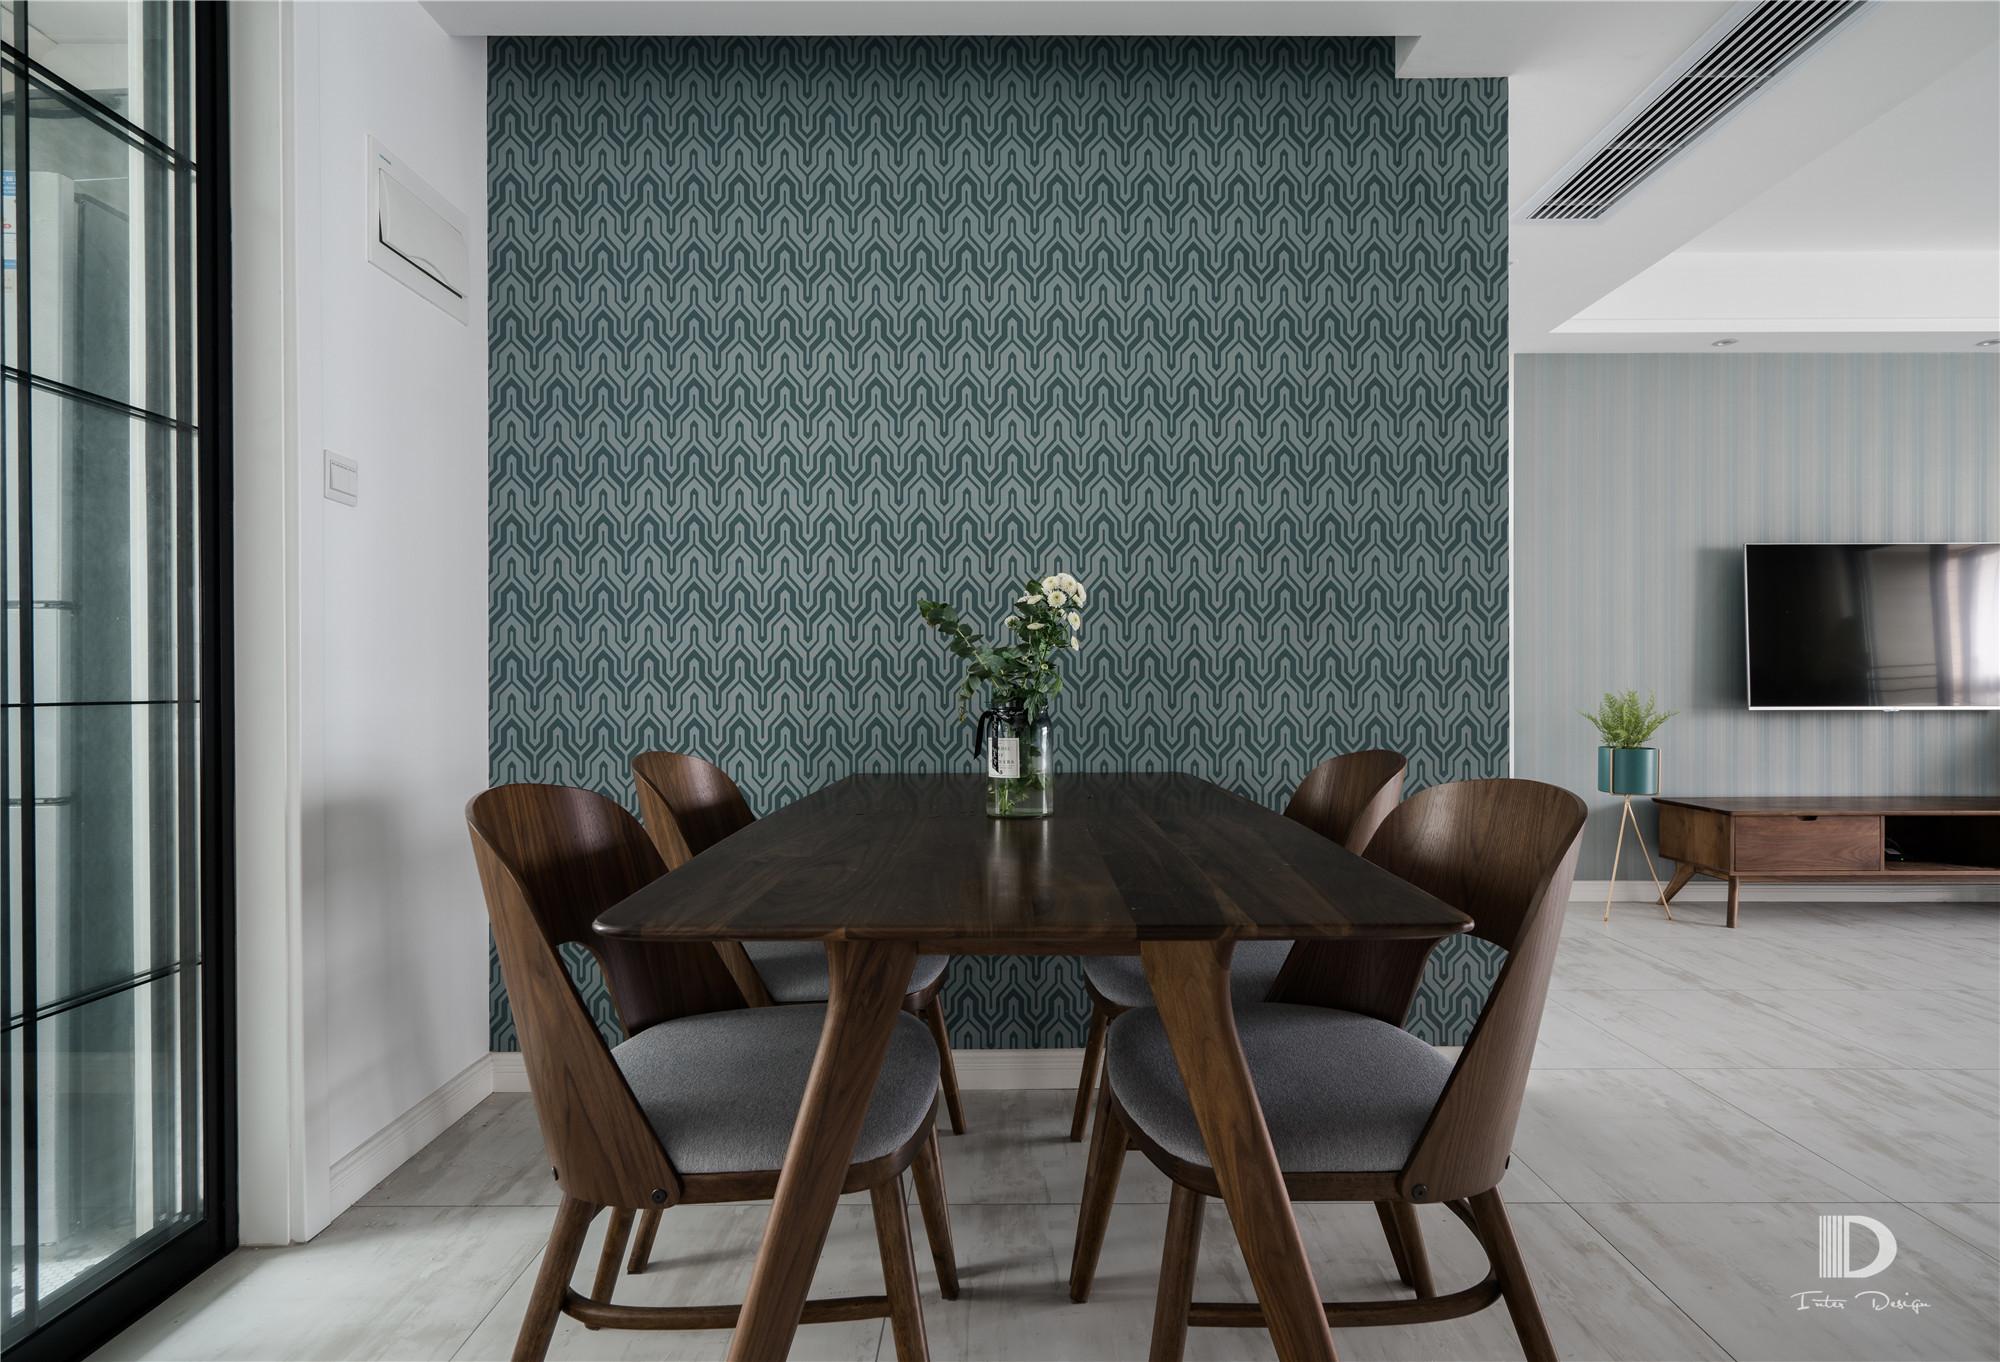 120㎡北欧风格餐厅背景墙装修效果图